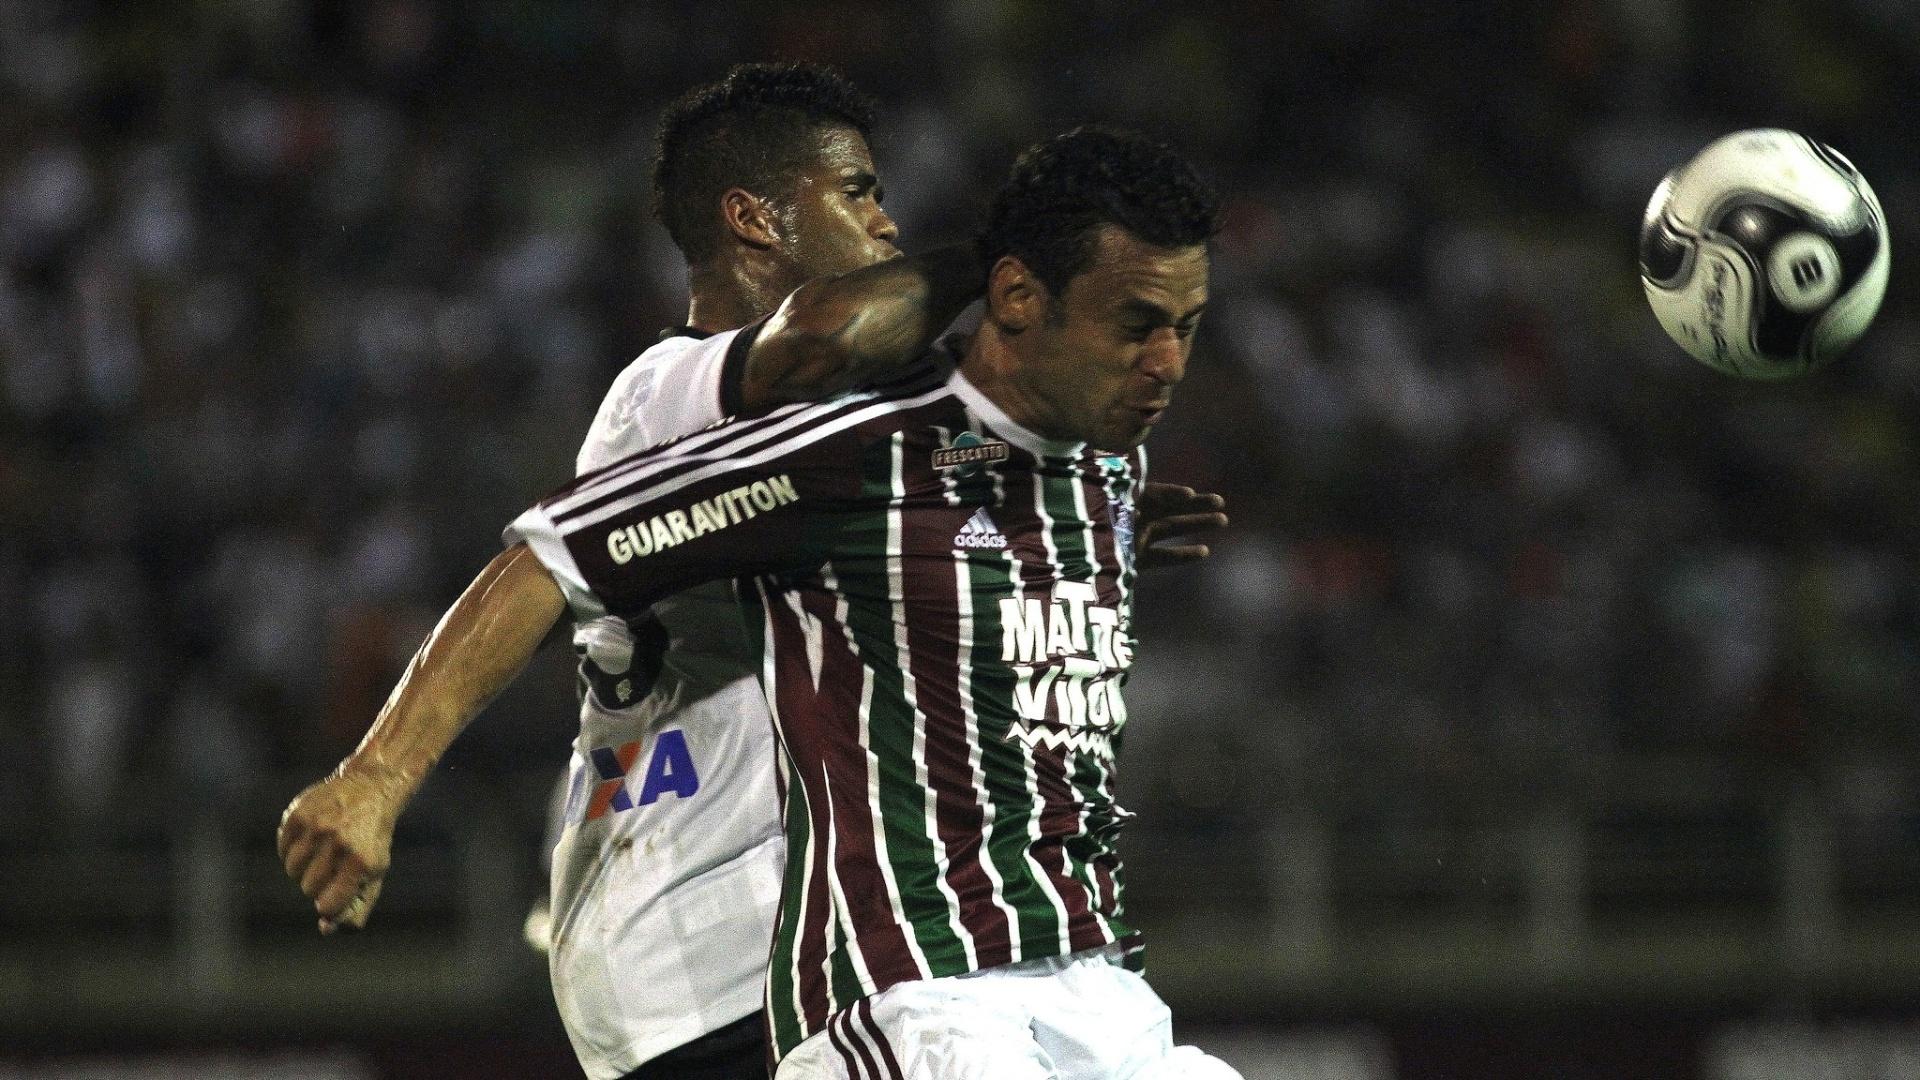 Fred disputa bola na partida do Fluminense contra o Atlético-PR, pela Primeira Liga